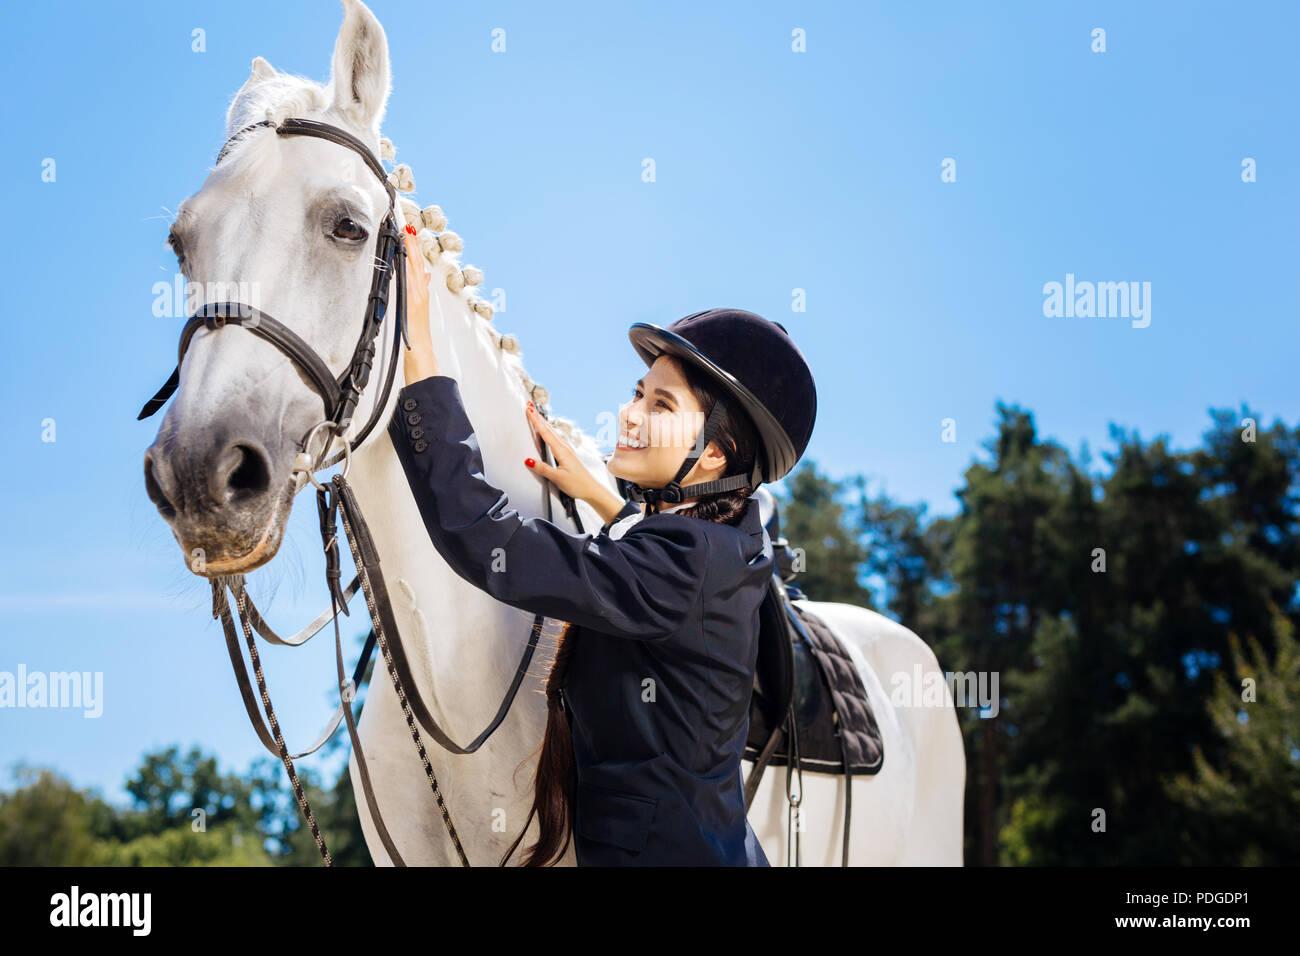 Ansprechende Reiterin lächelnd, während sie ihren sanften weißen Pferd suchen Stockbild